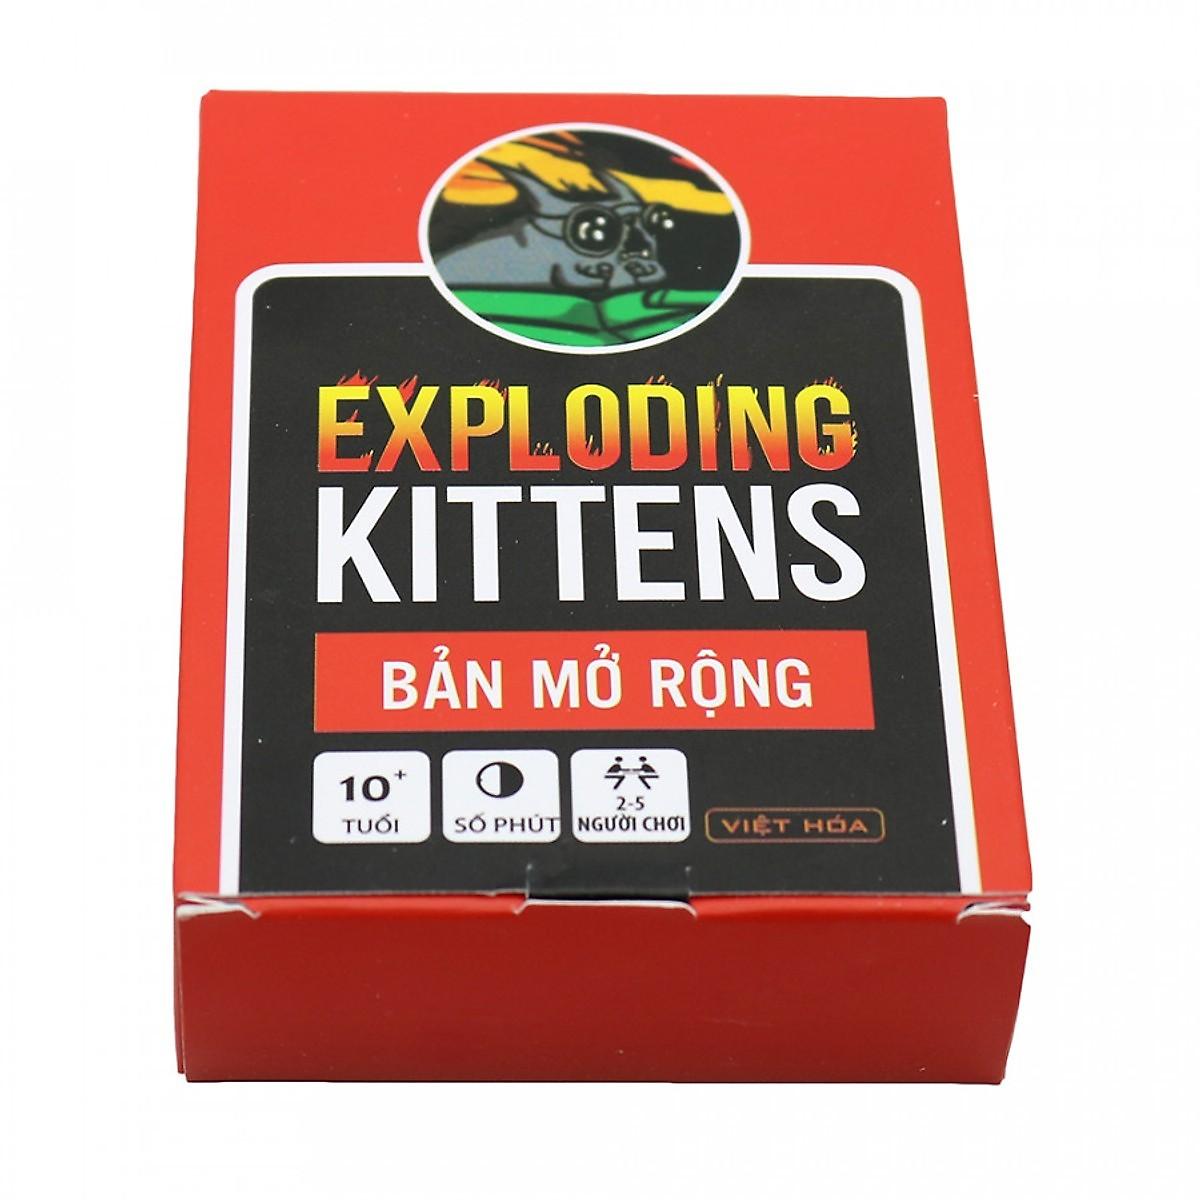 Combo Mèo Nổ Exploding Kittens + 4 Bản Mở Rộng + Bọc Bài